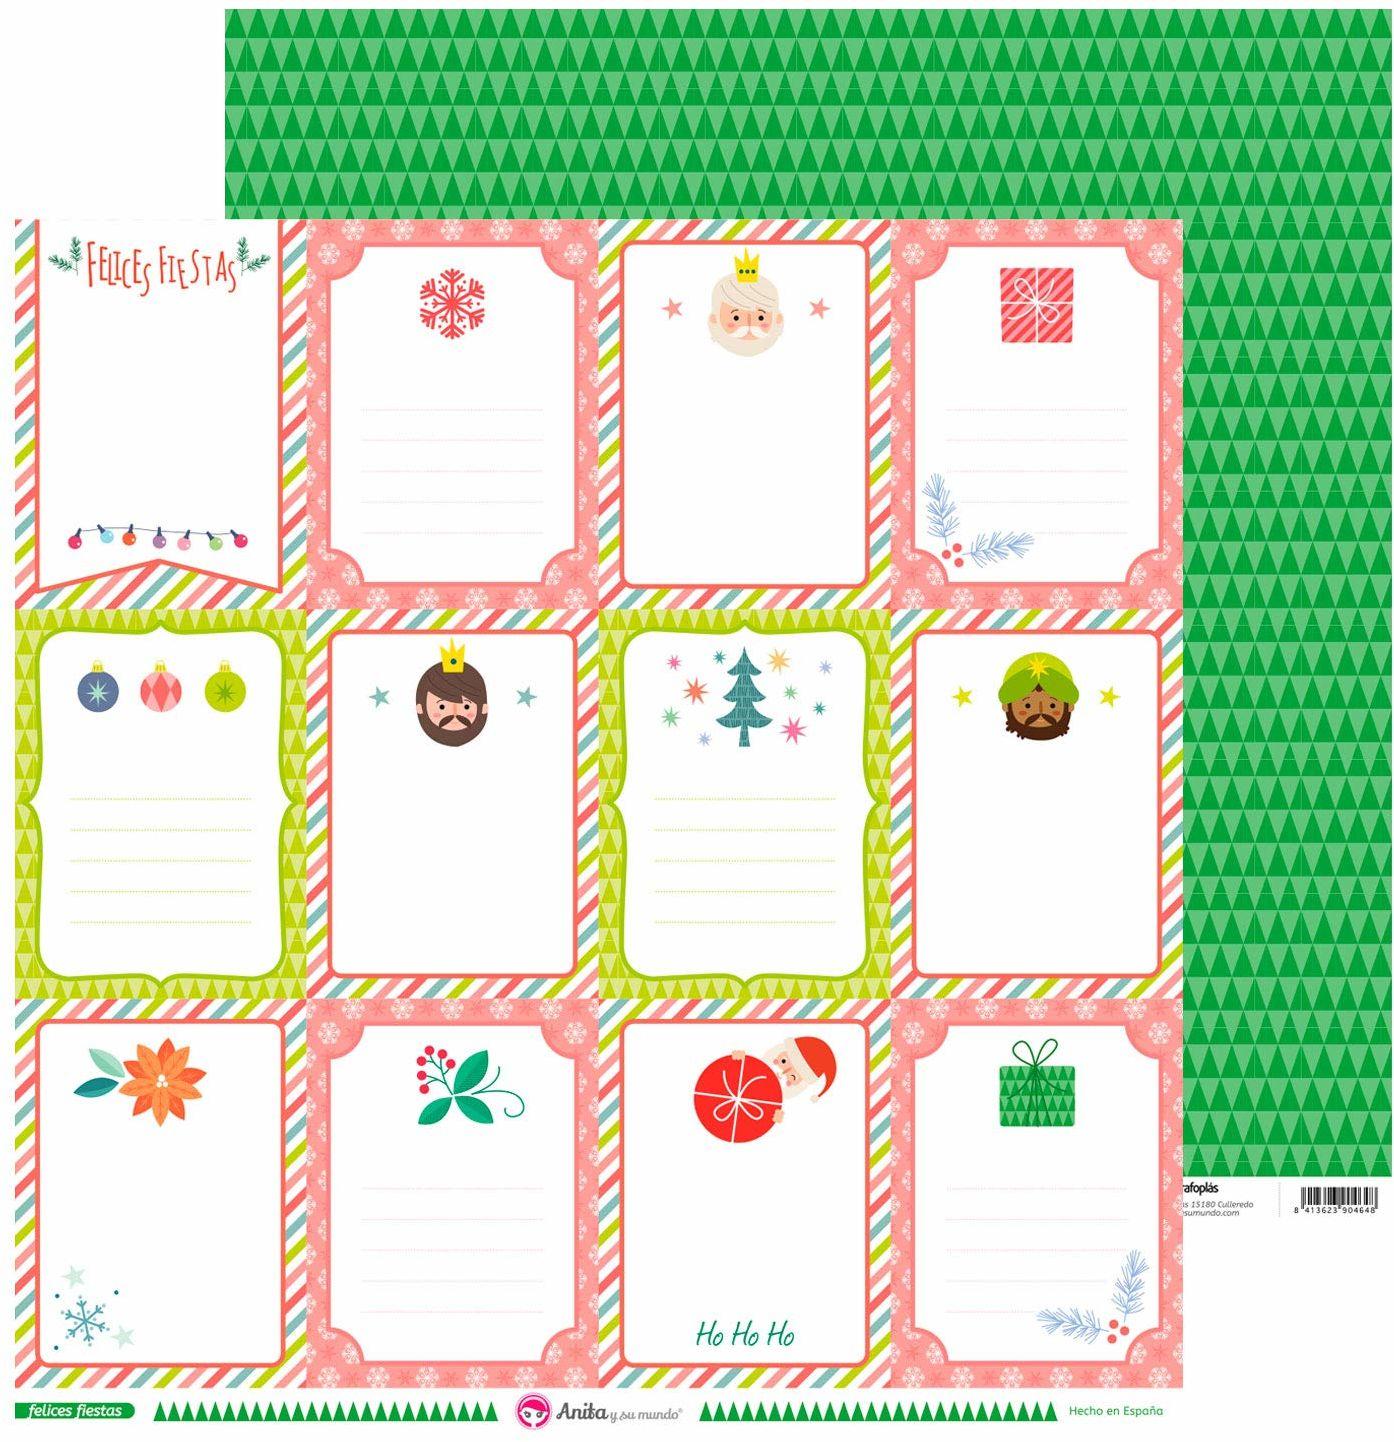 Anita & Seine Welt kartki z pozdrowieniami, zestaw szczęśliwych papierów, Boże Narodzenie, 30,5 x 30,5 cm, 5